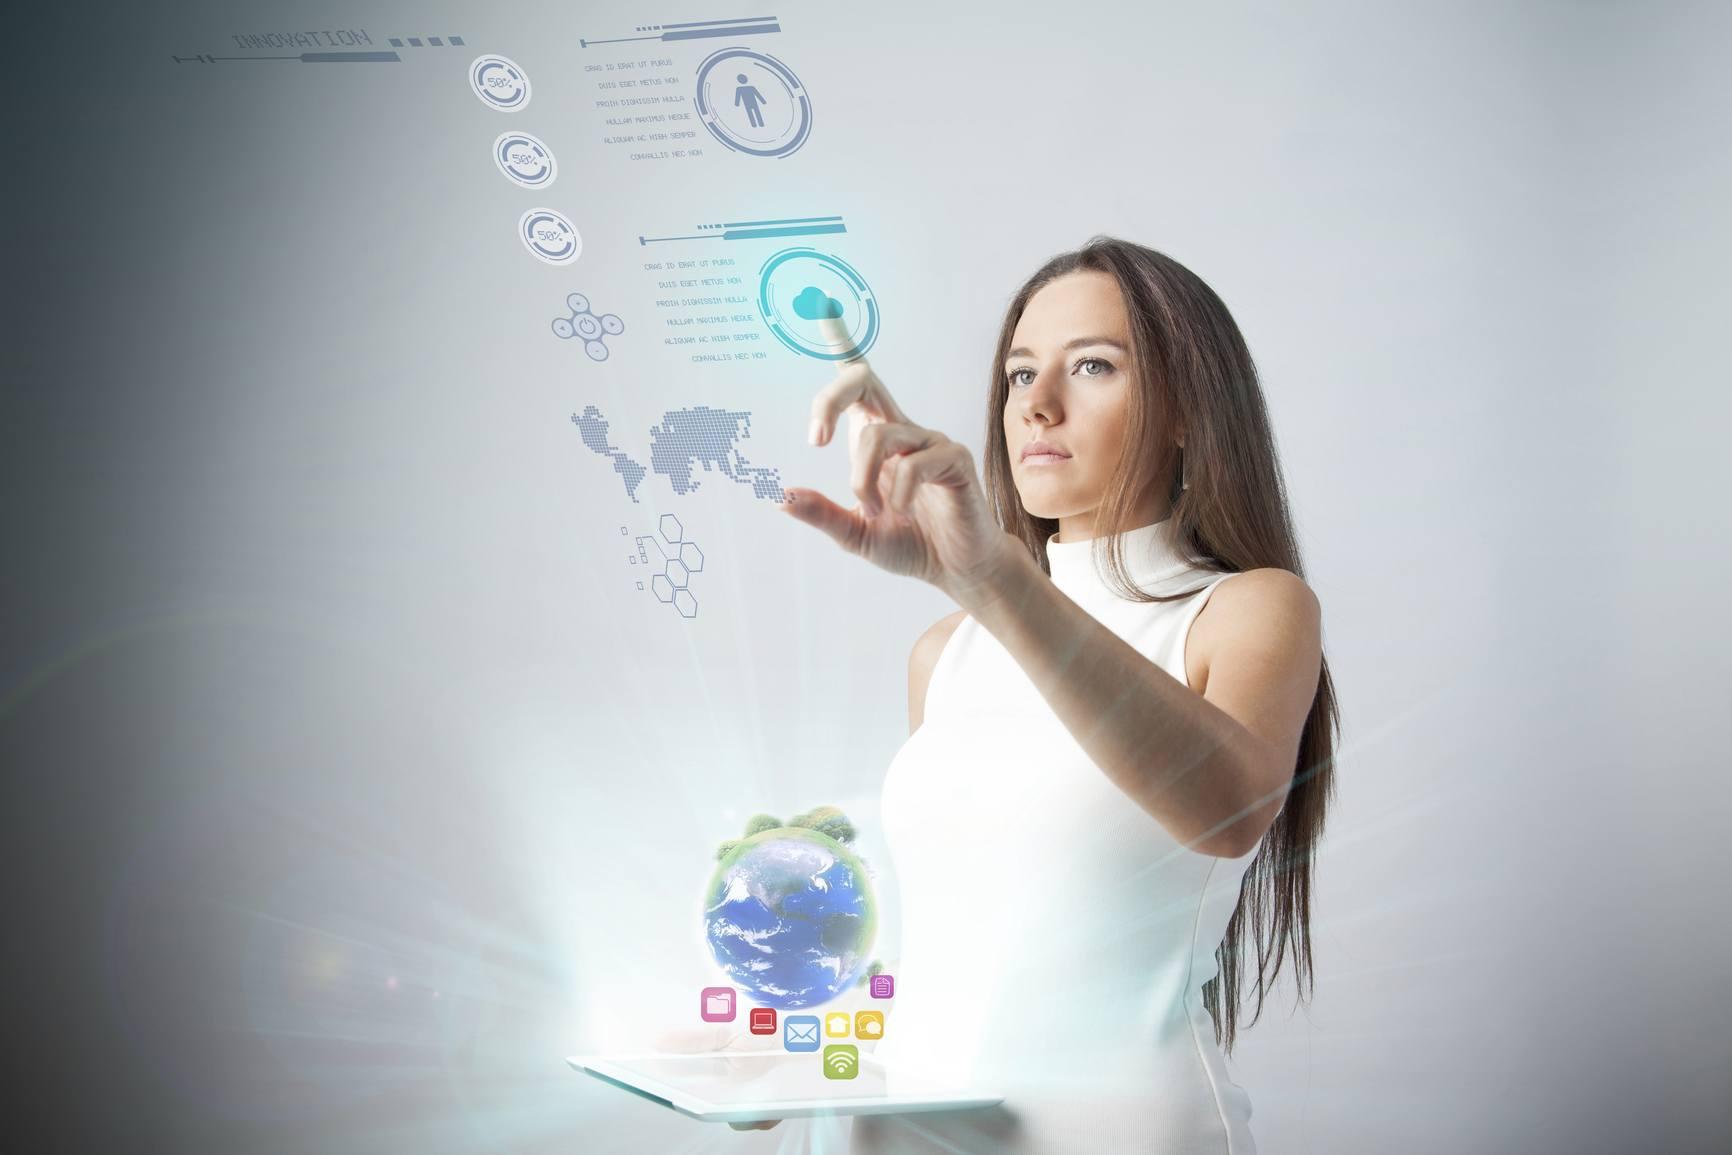 Réalité augmentée - Rapport Gartner - IT 2020 - Darest Informatic